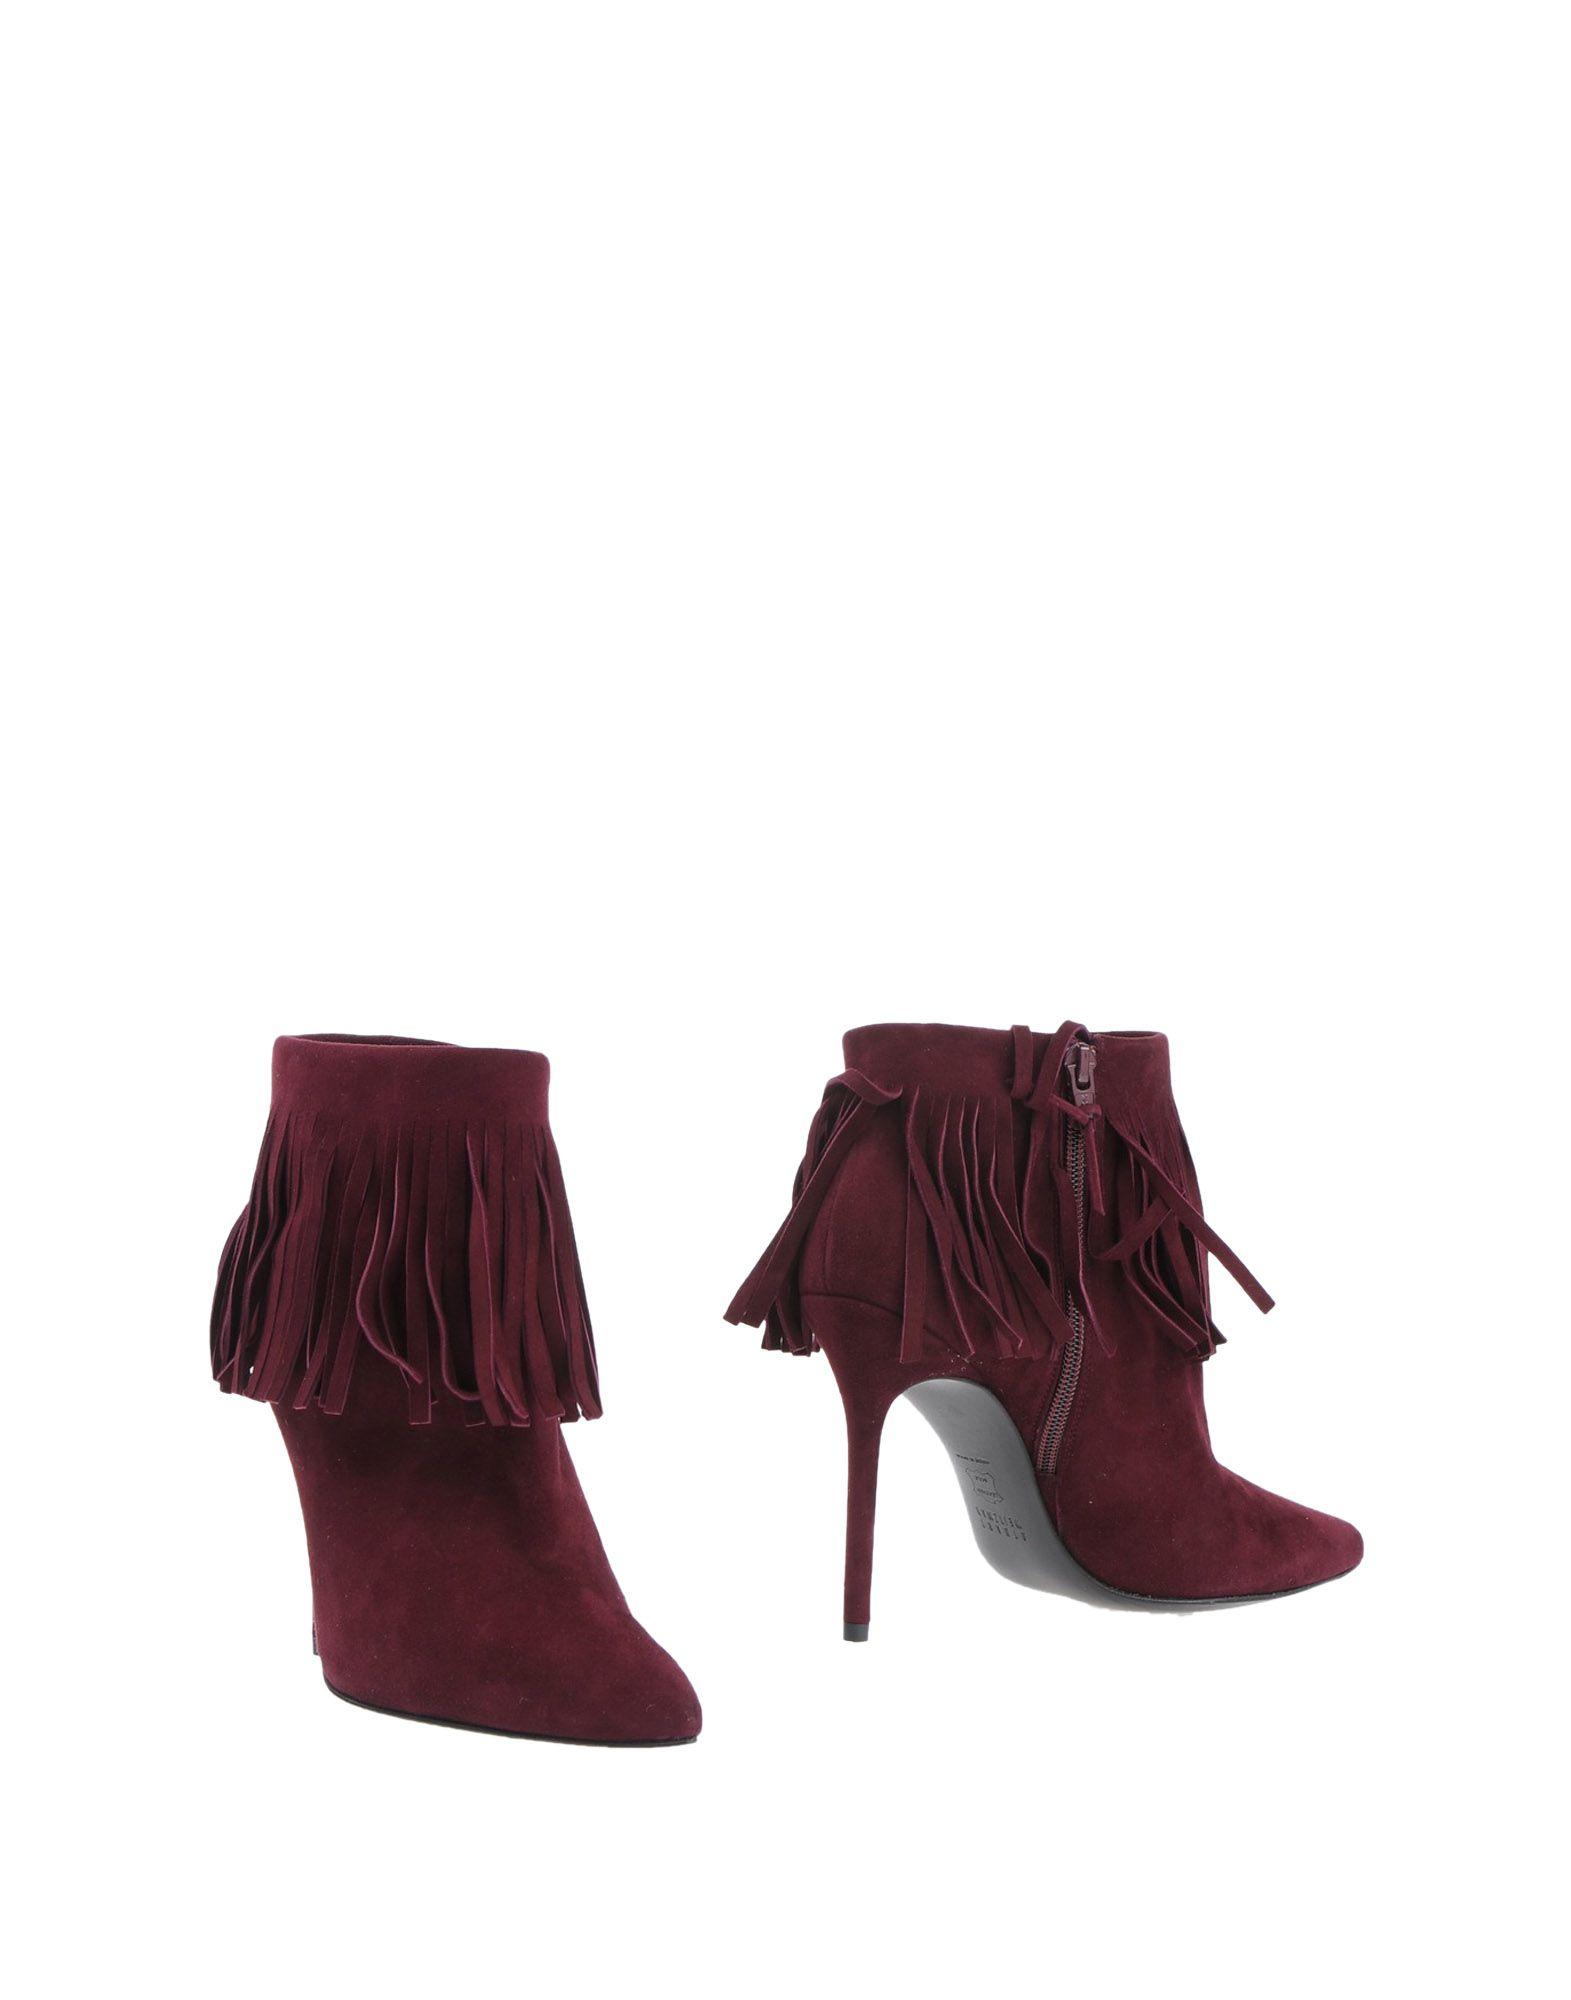 Stuart Weitzman Stiefelette Damen  11330688JAGut aussehende strapazierfähige Schuhe